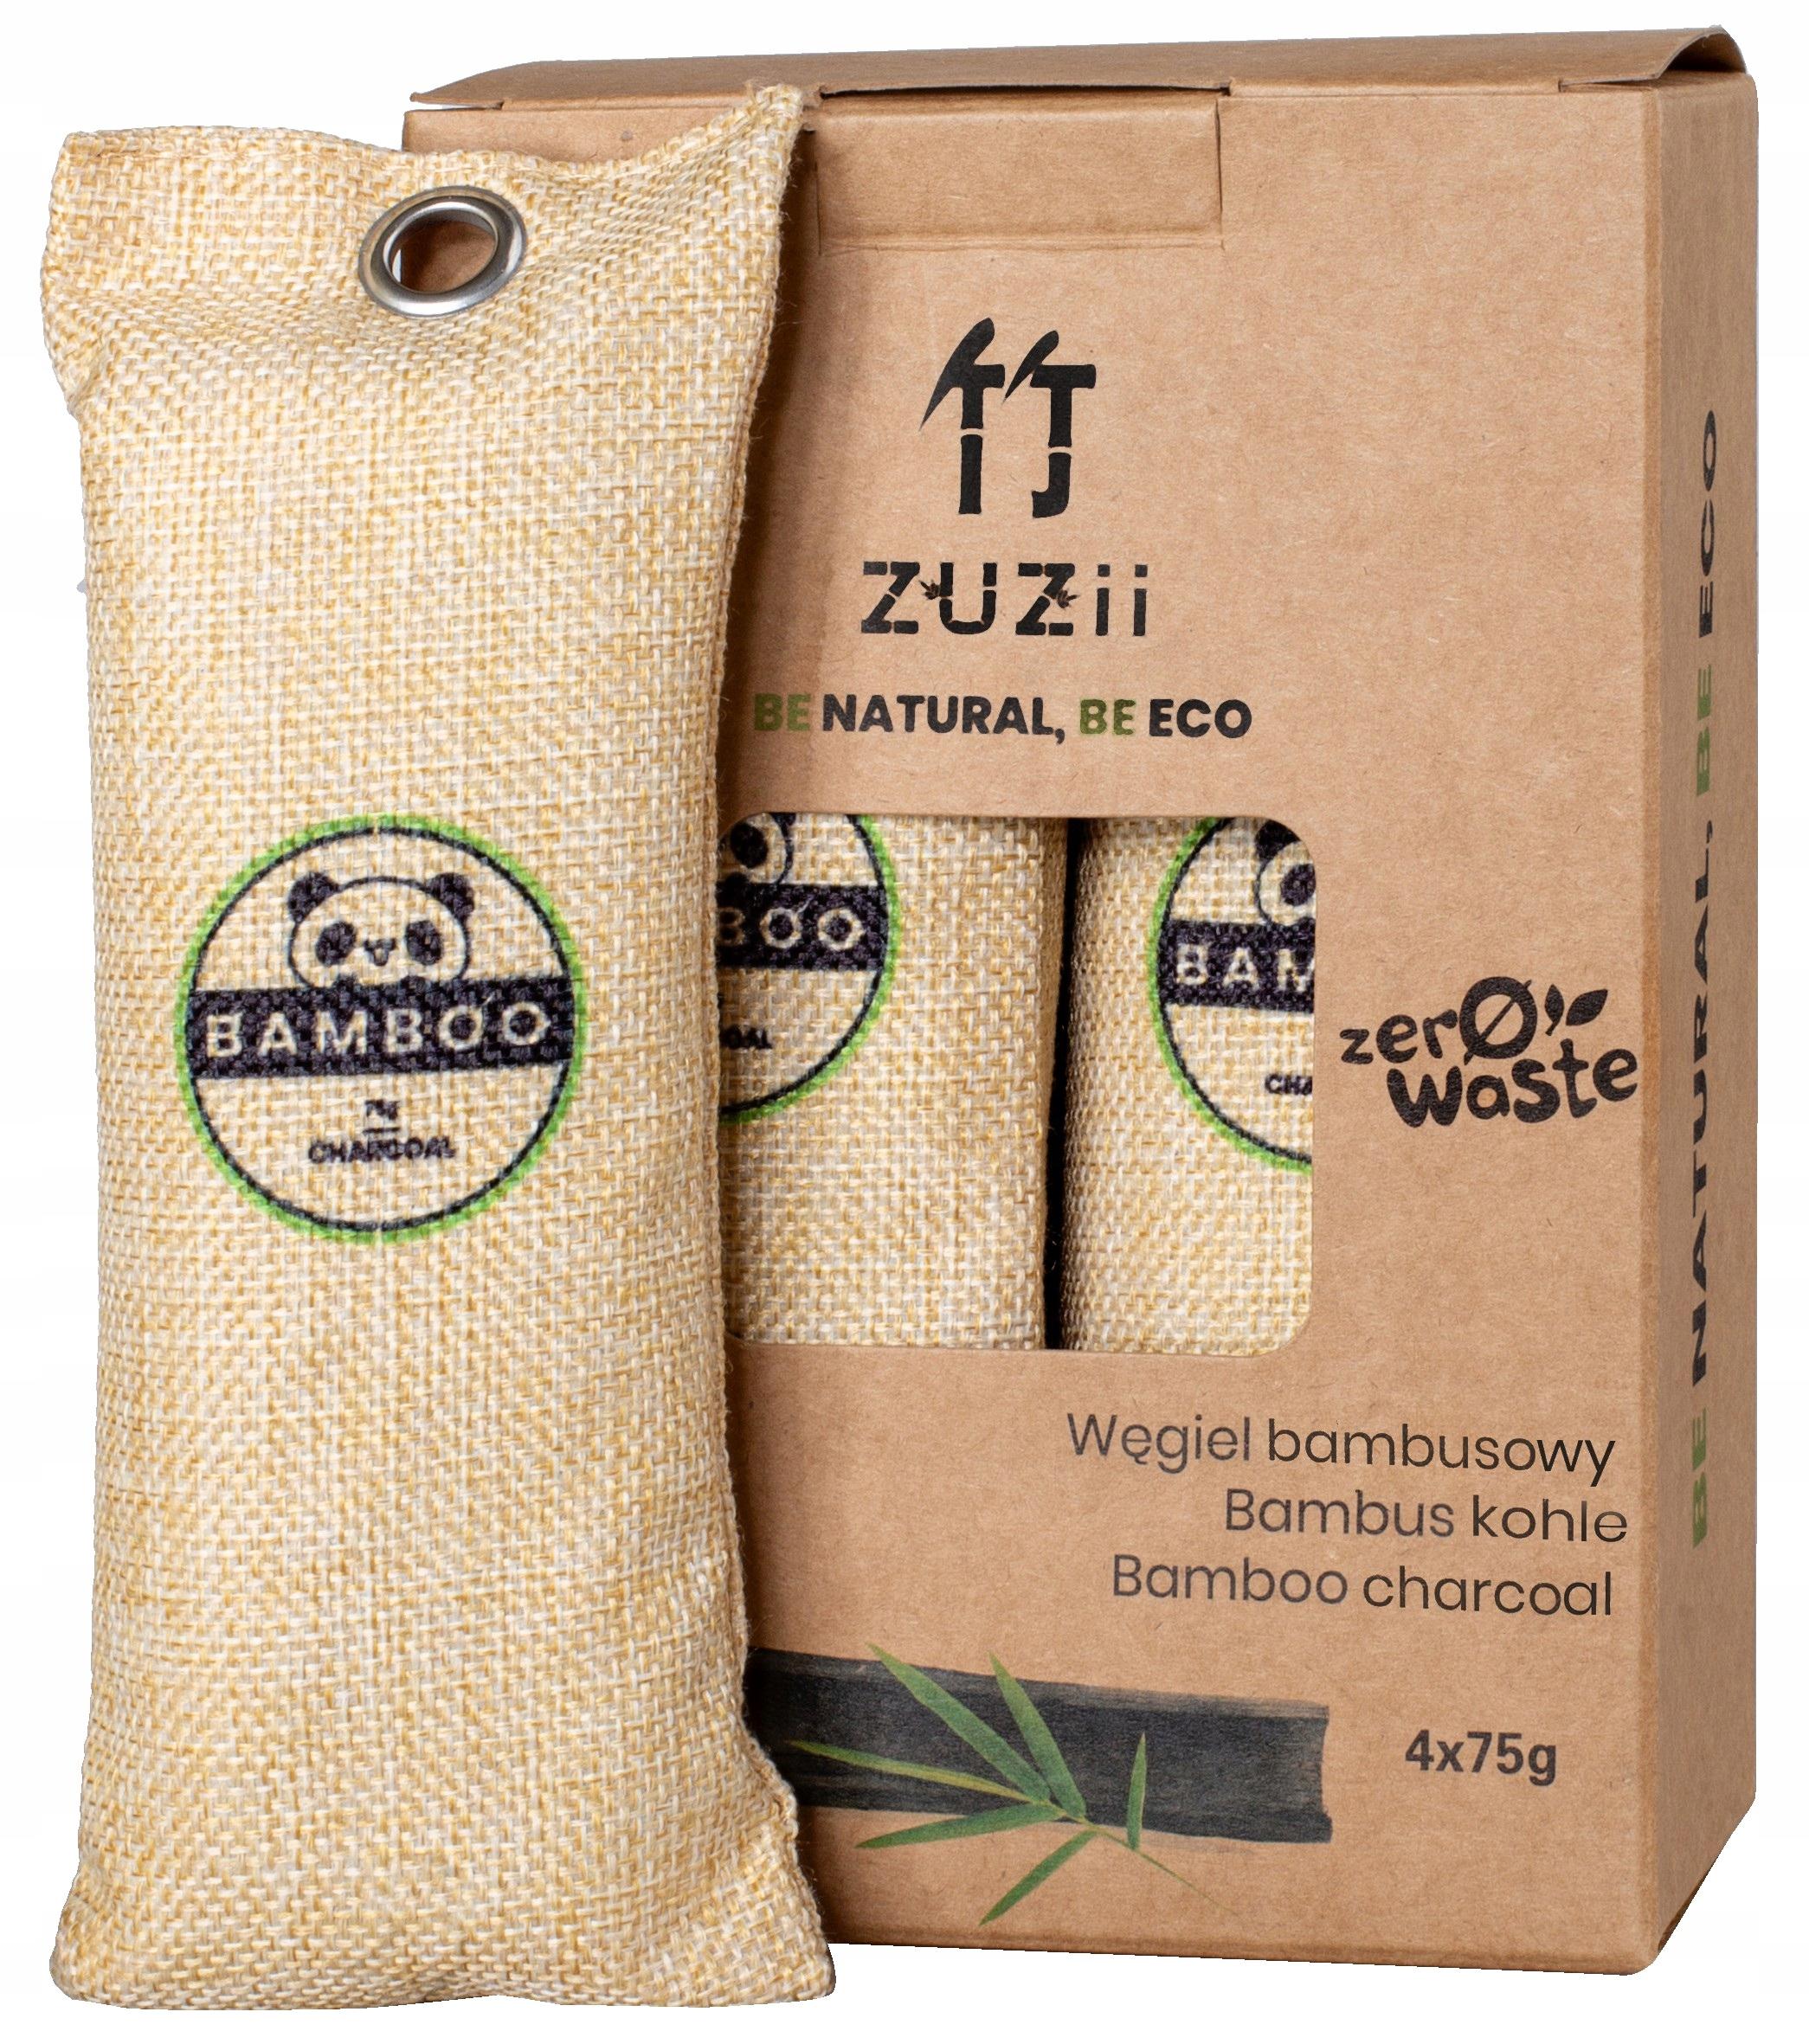 Осушитель воздуха на бамбуковом угле 4x75g ZUZII